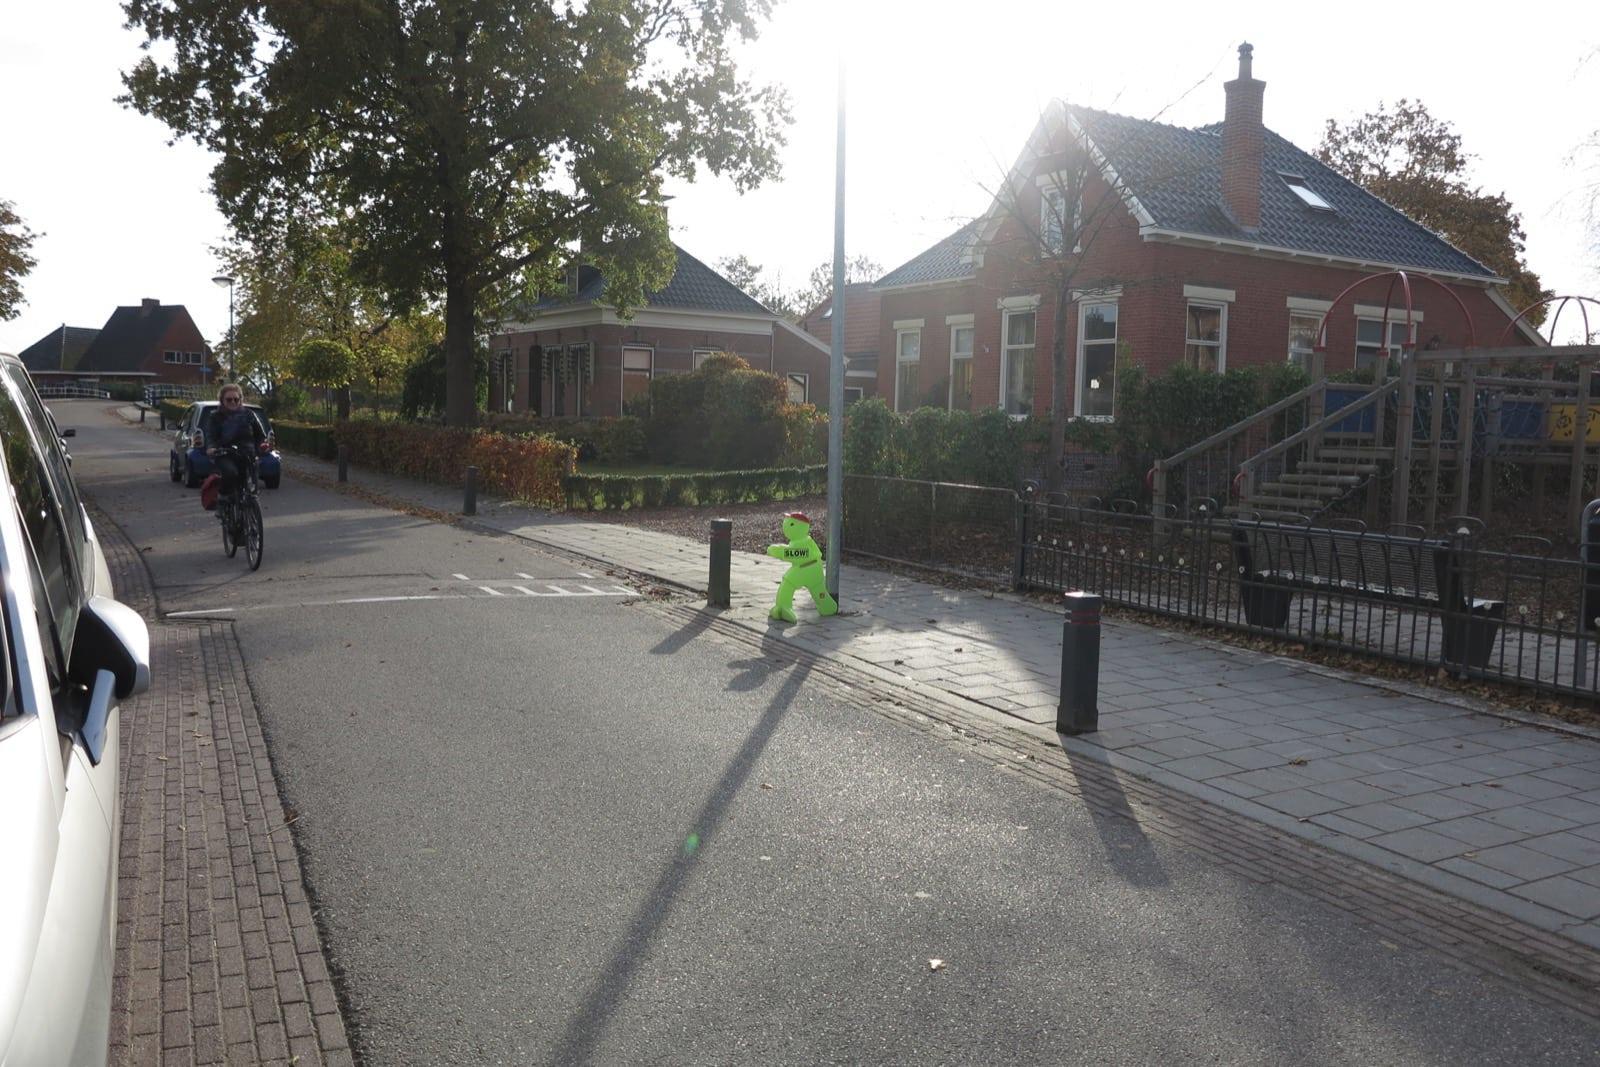 et-fiets-en-fietser-97-marga-boswijk-oi.jpg